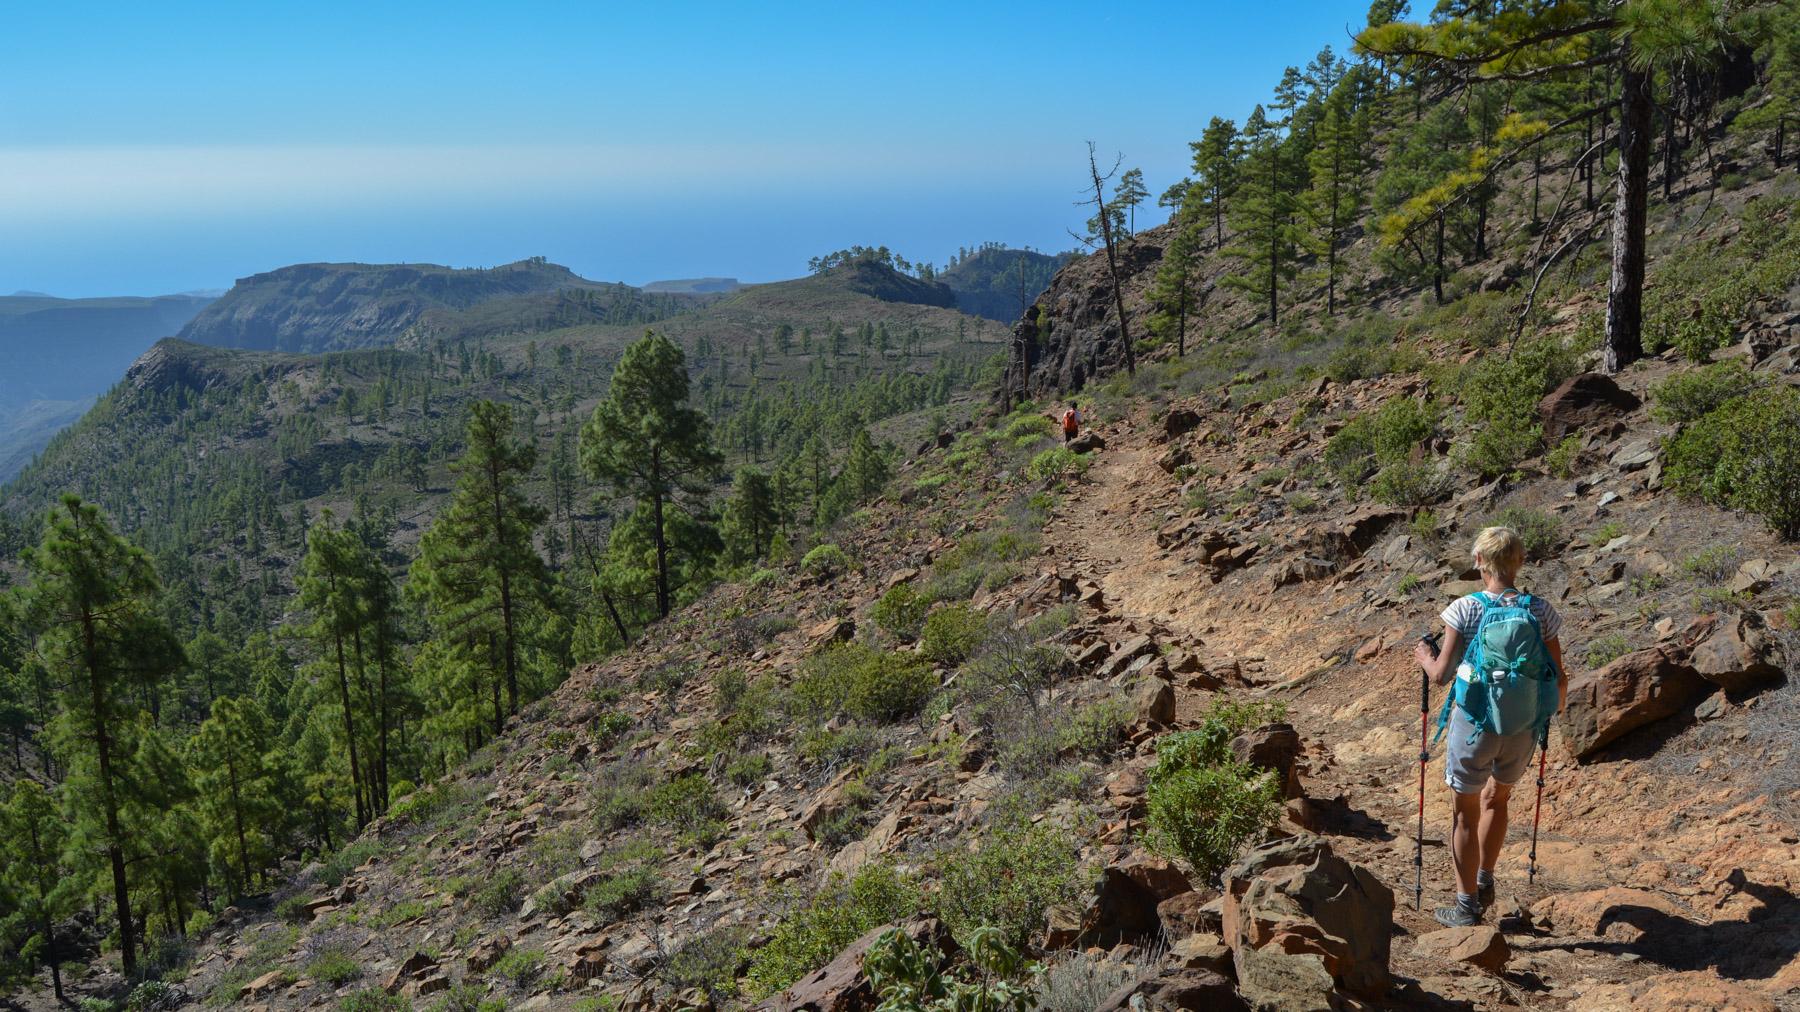 Montaña de Tauro, Gran Canaria, Espagne 21